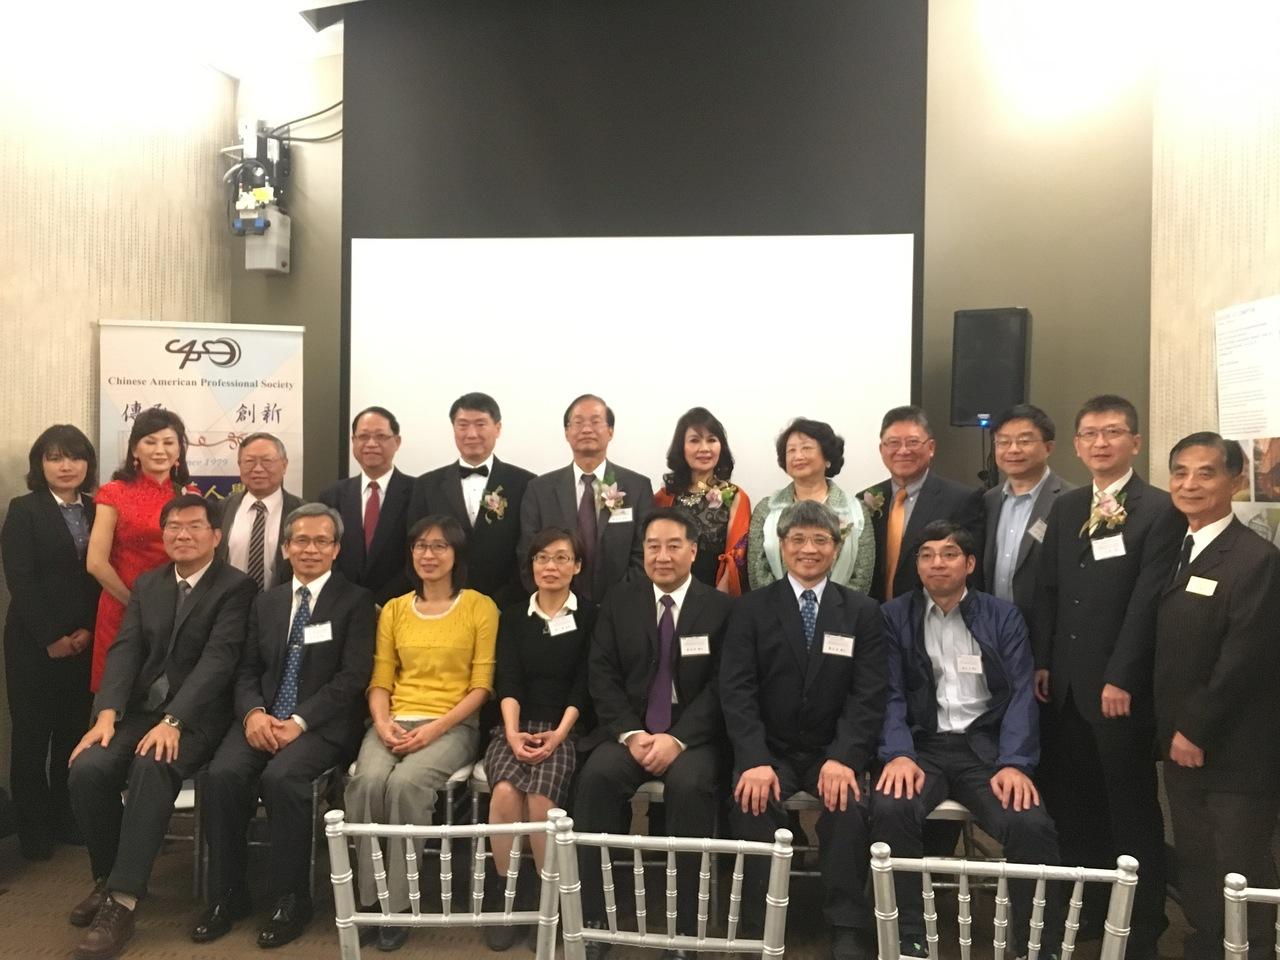 美西华人协会成员与当日研讨会讲者合影。记者庄婷/摄影